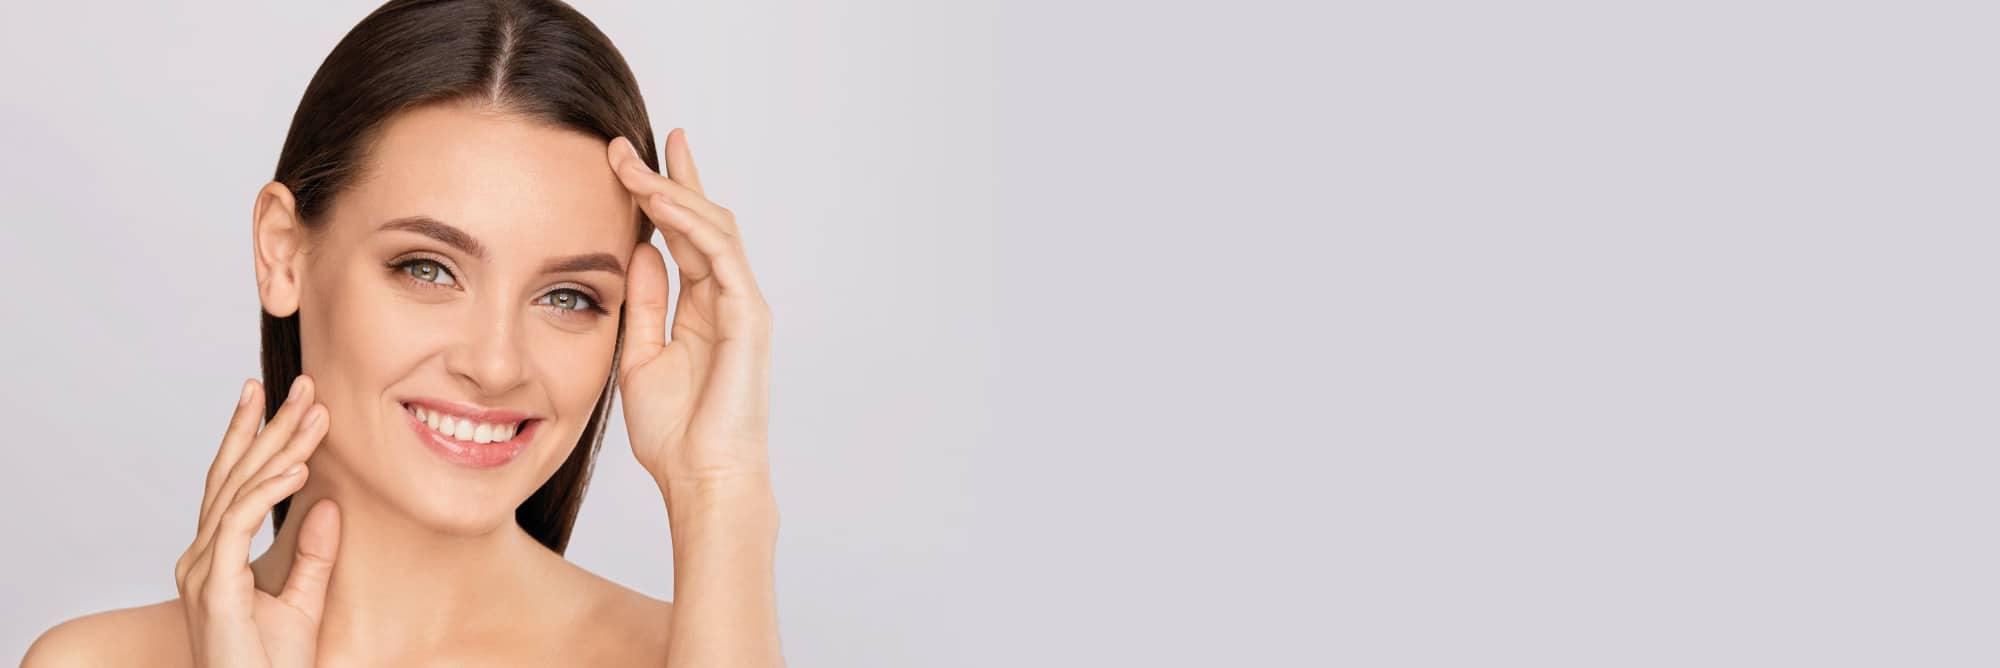 Rejuvenecimiento del lóbulo de la oreja rasgado